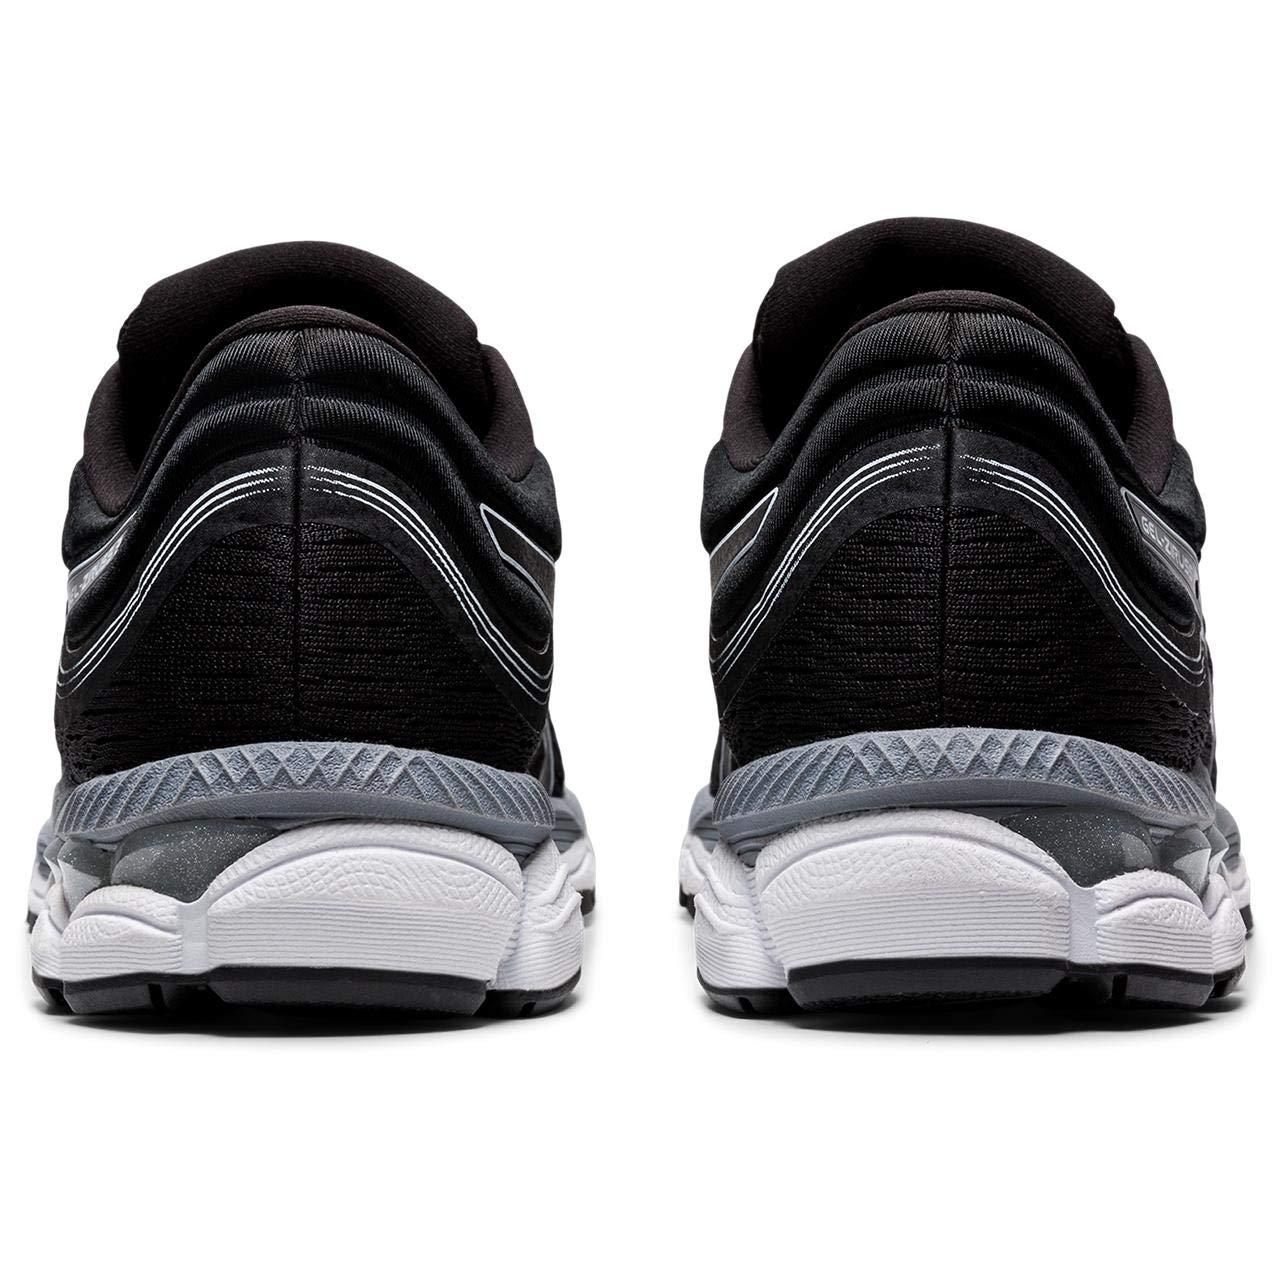 Gel-ziruss 3 Mx Running Shoes